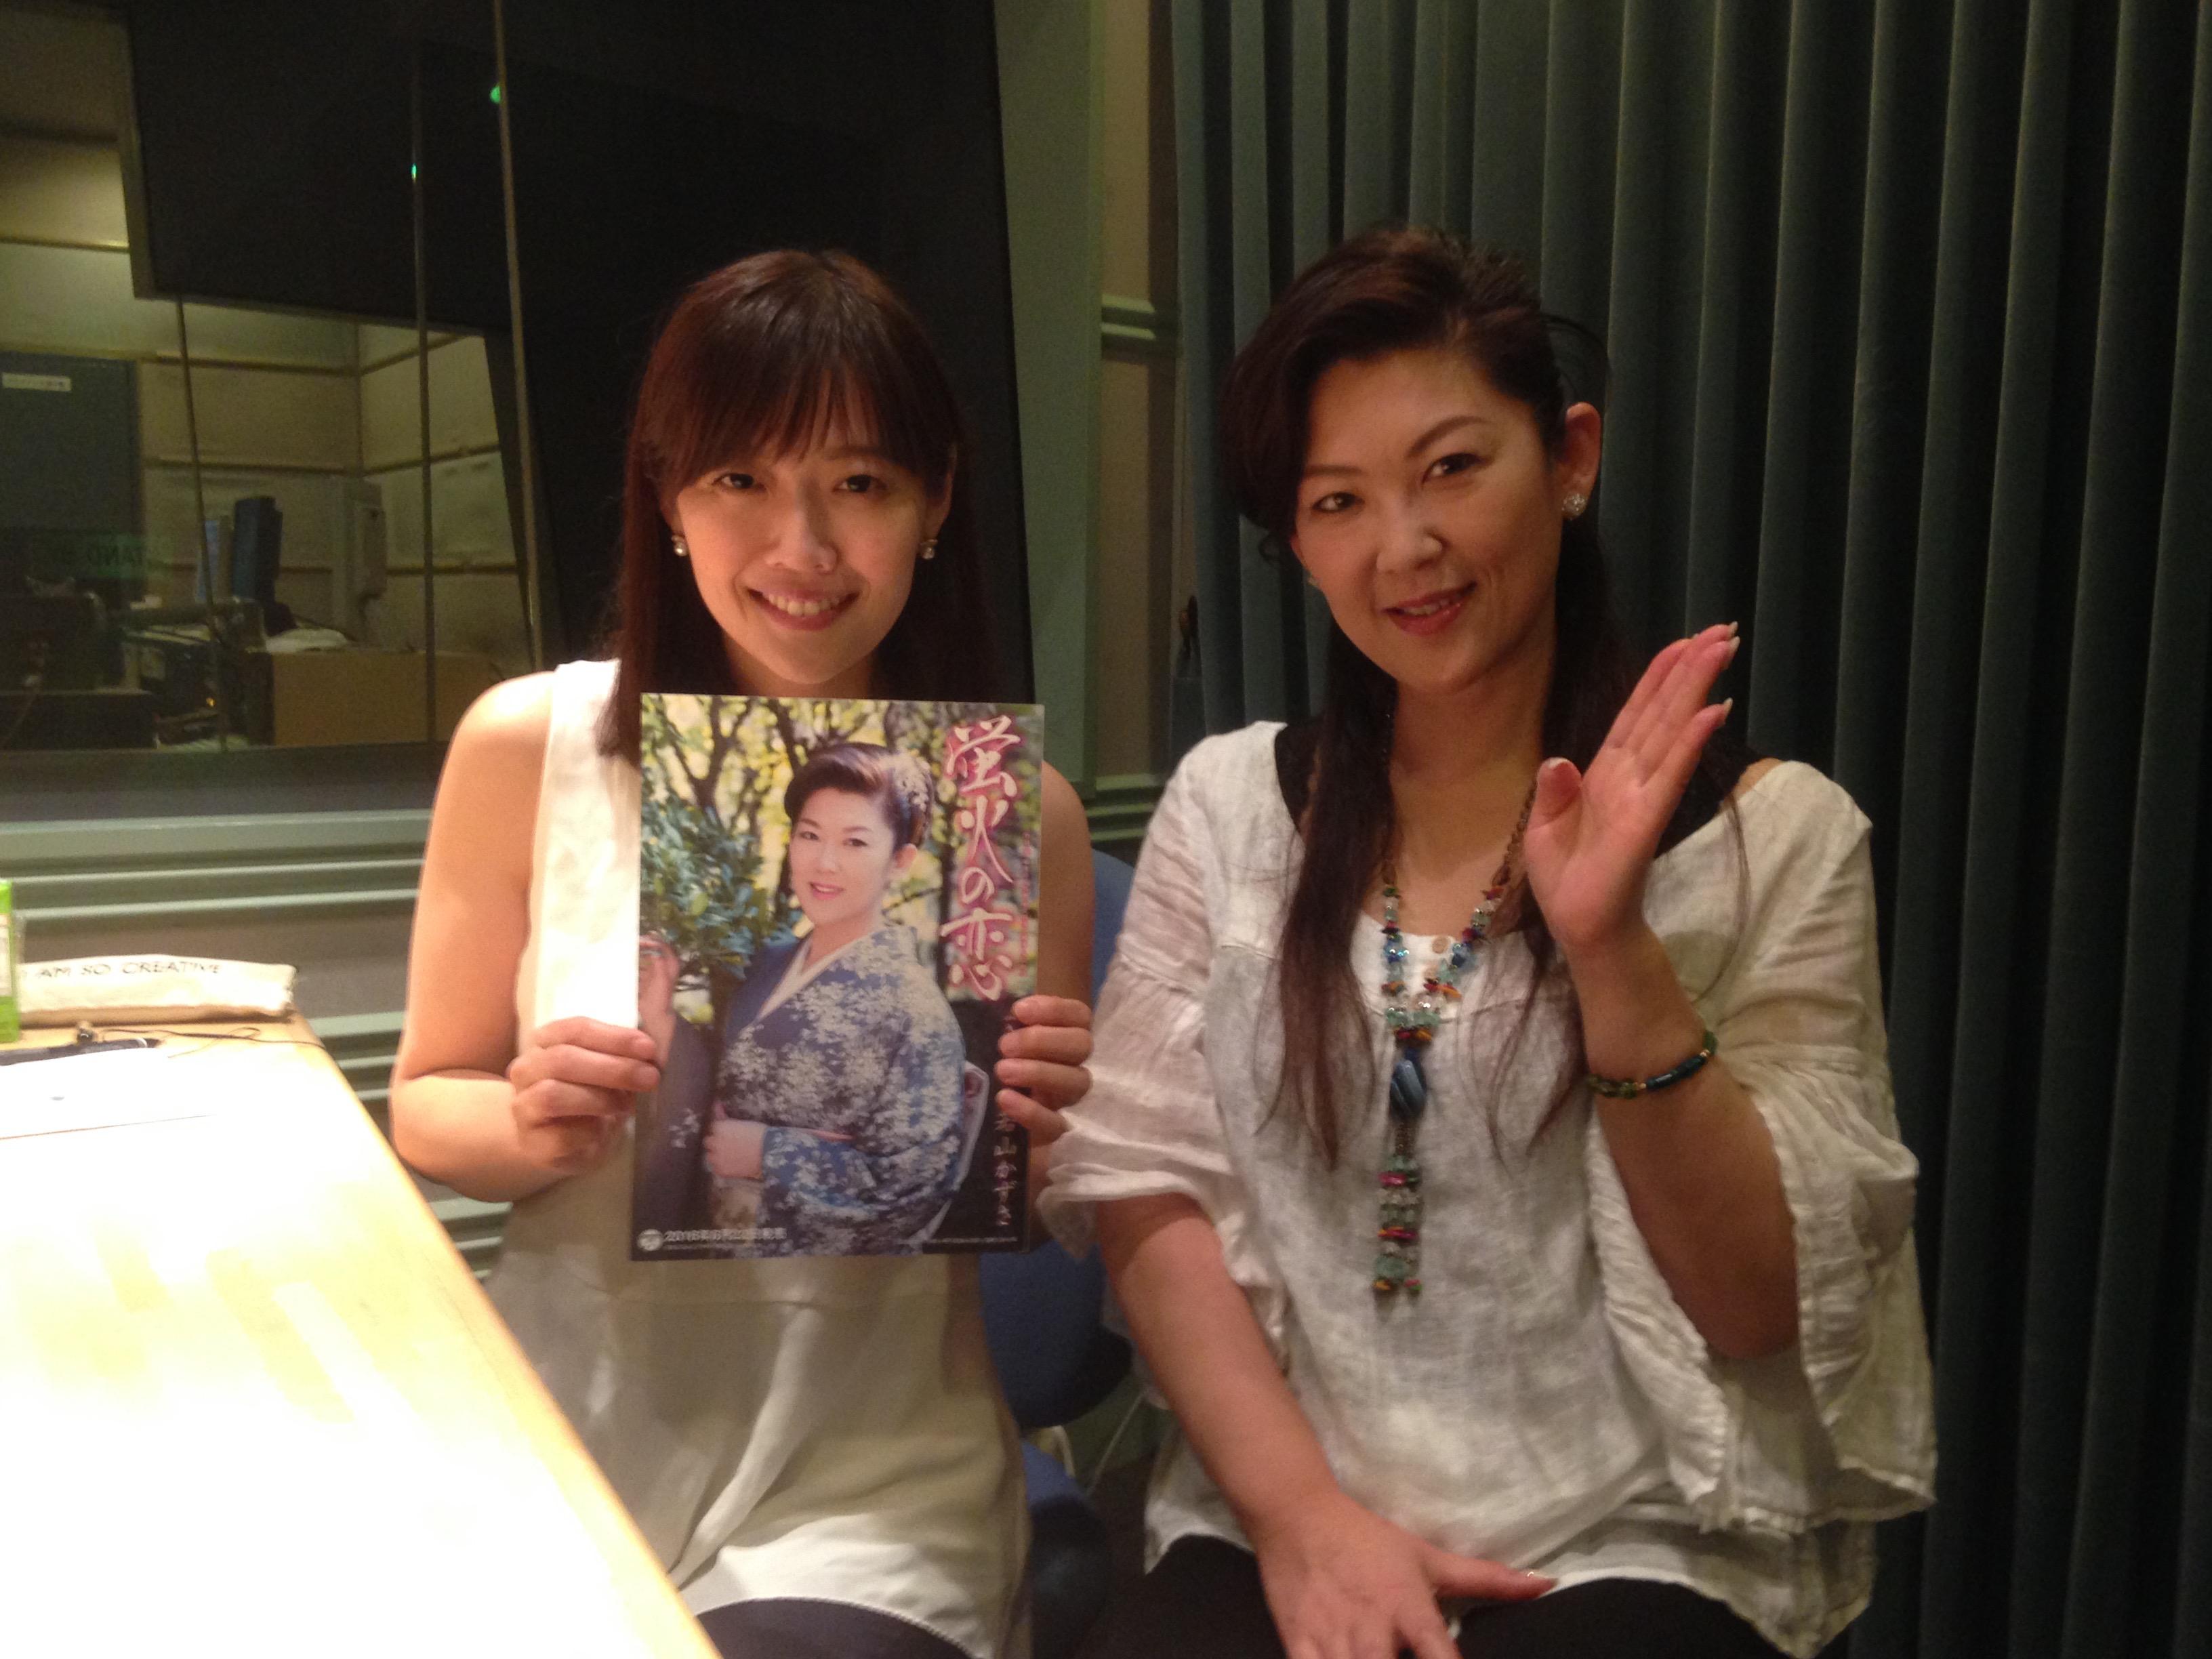 放送中                                                                                    TBSラジオ FM90.5 + AM954                                                    放送中新曲「蛍火の恋」を発売した若山かずささん登場。                この記事の                番組情報            Fine!!